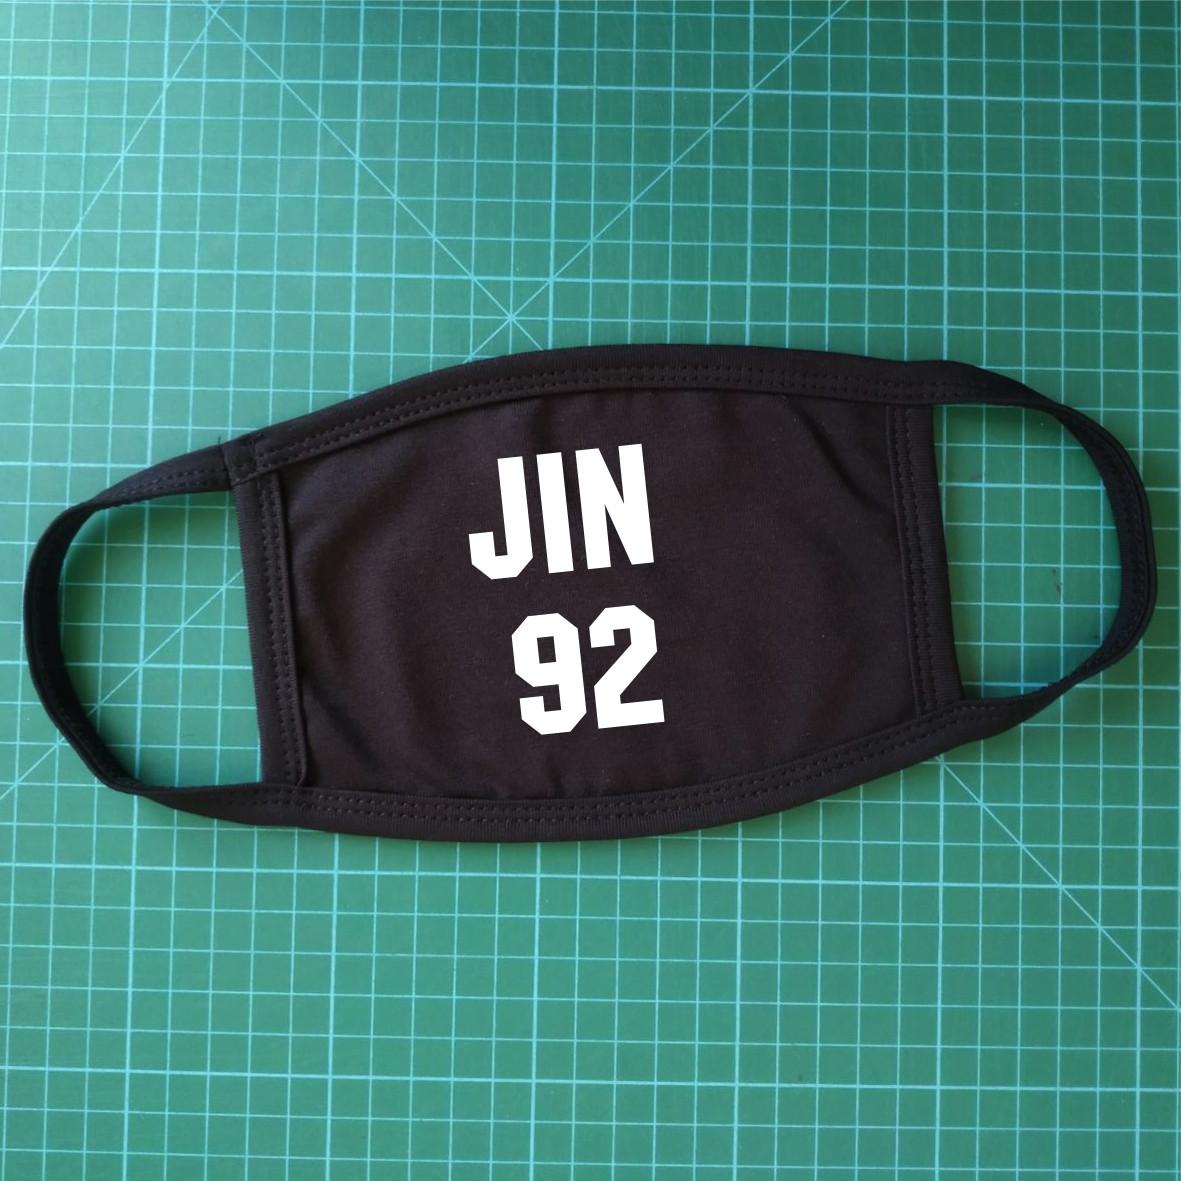 Тканинна сувенірна маска для обличчя. BTS Jin 92